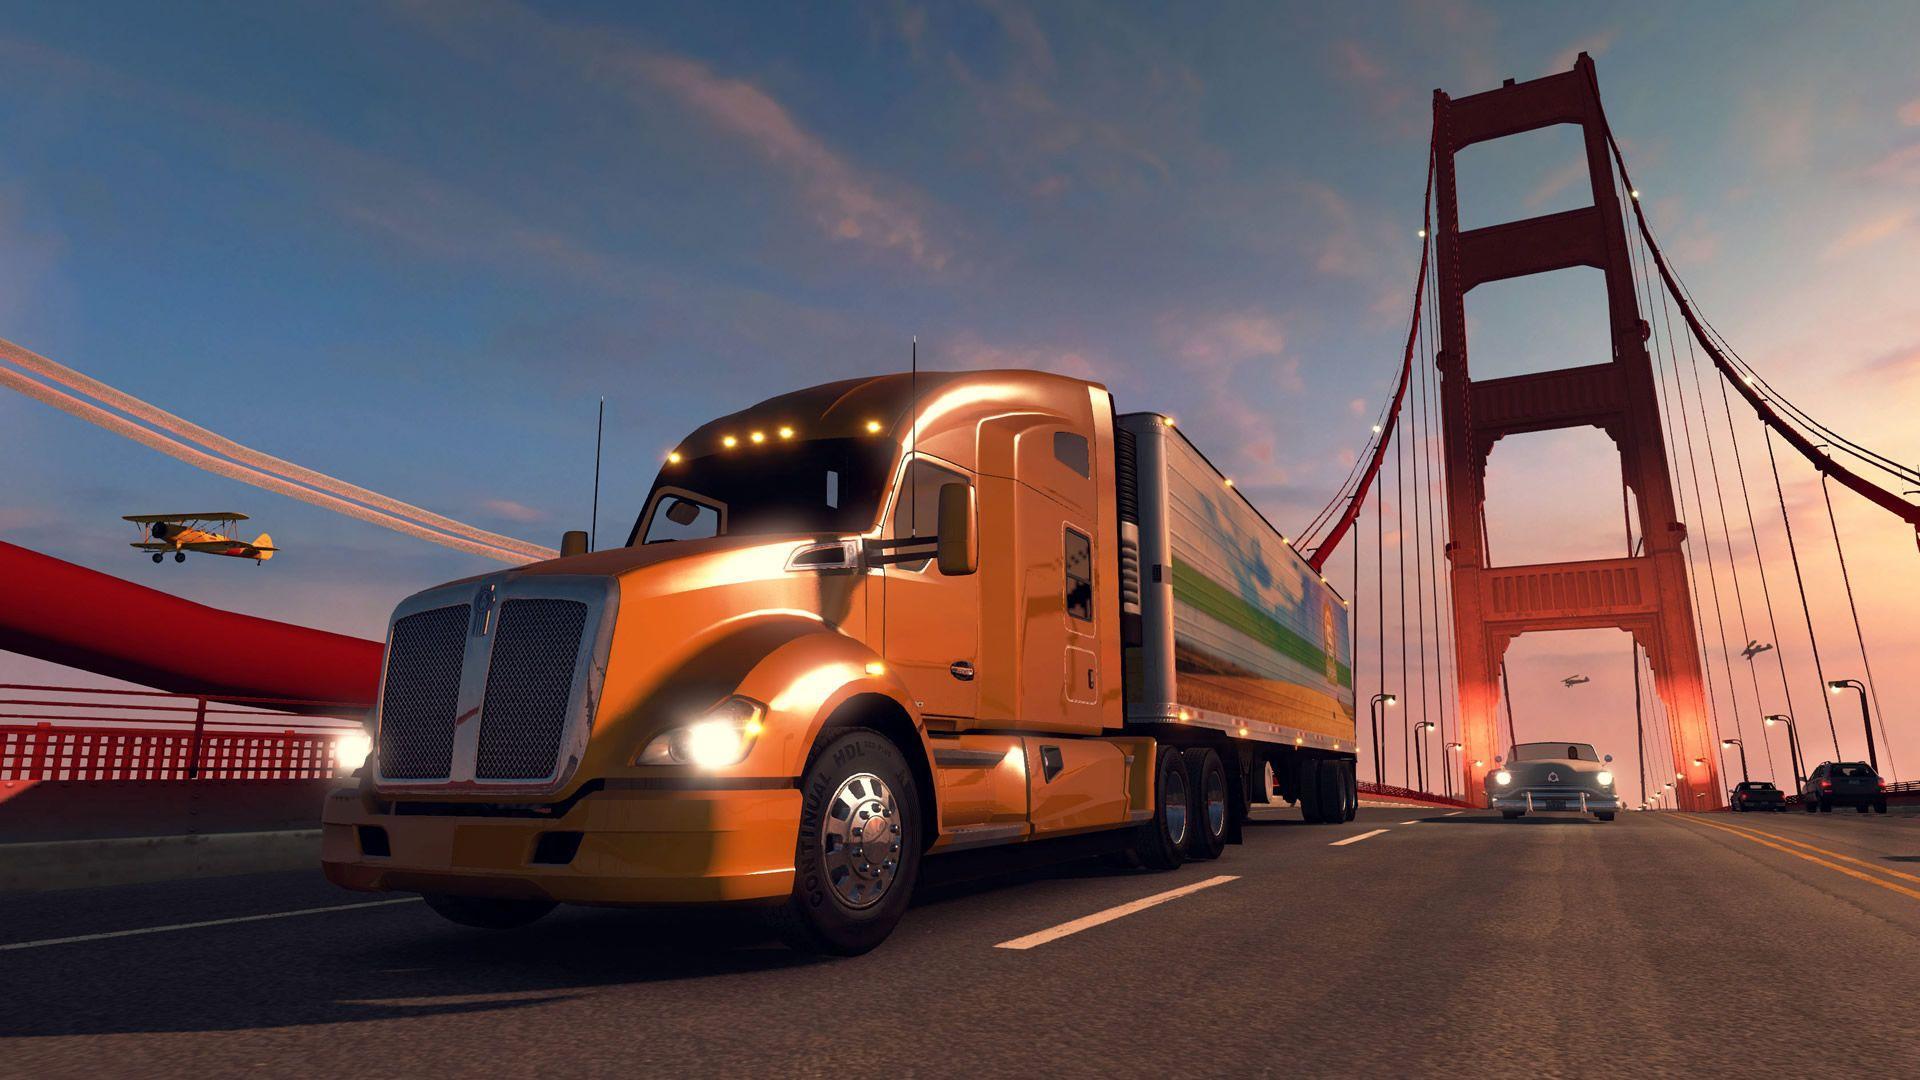 American Truck Simulator Wallpapers Wallpaper Cave